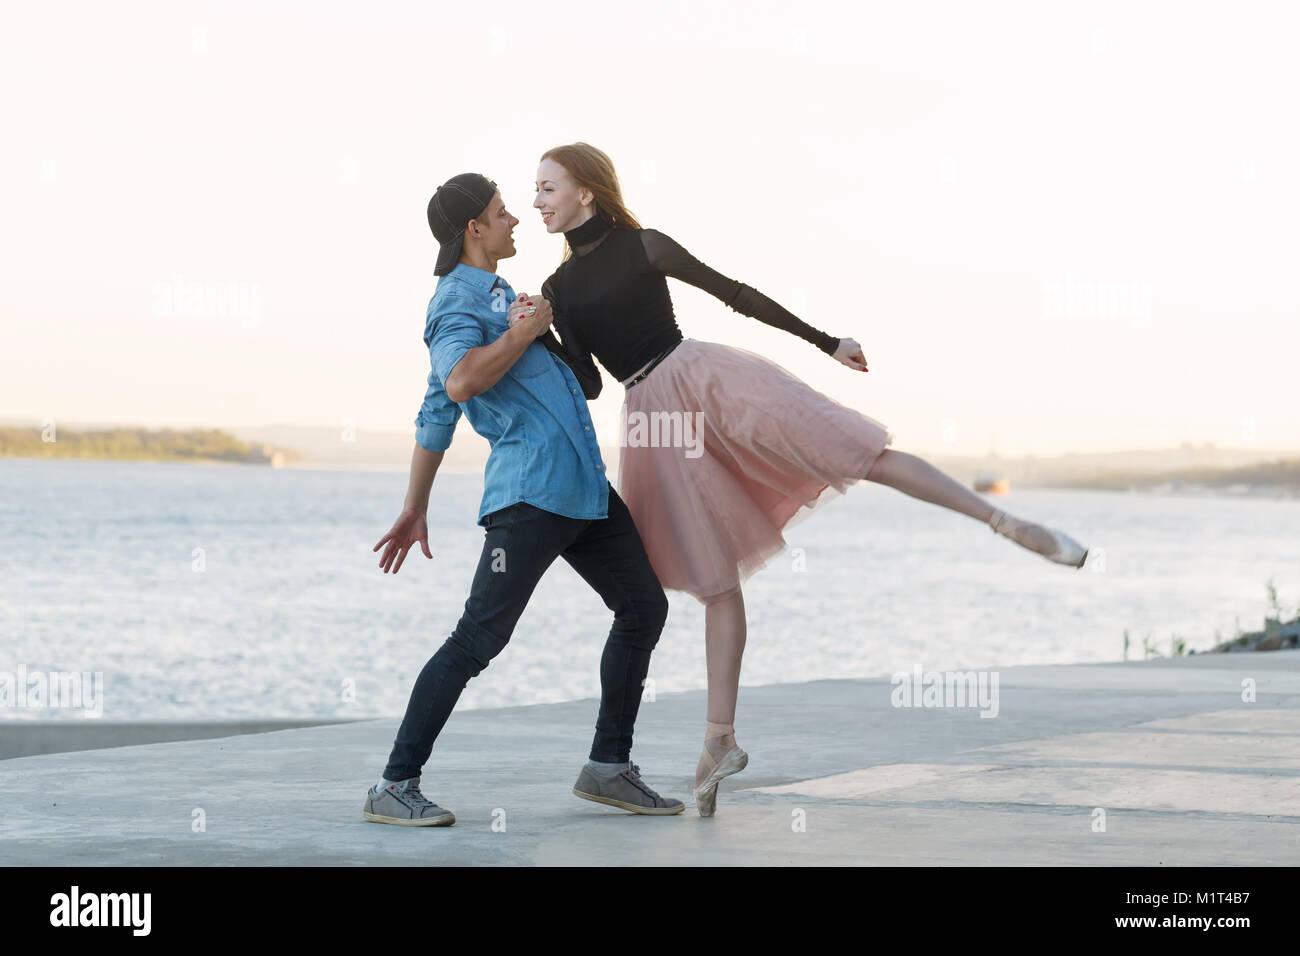 Un esile ballerina danze con un ballerino di danza moderna. Gli amanti di datazione. La passione e il romanticismo Immagini Stock